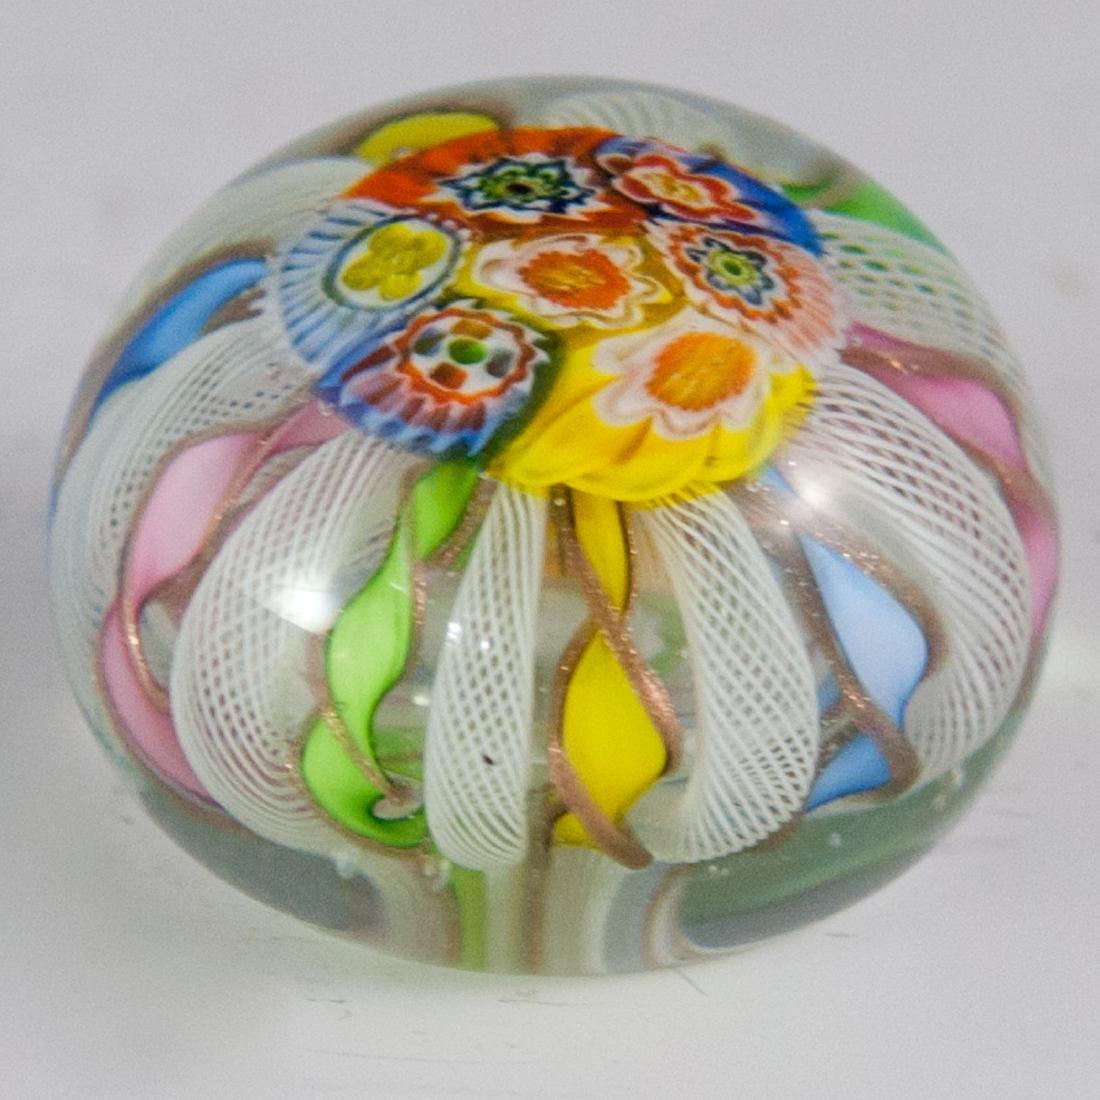 Murano Glass Millefiori Paperweight